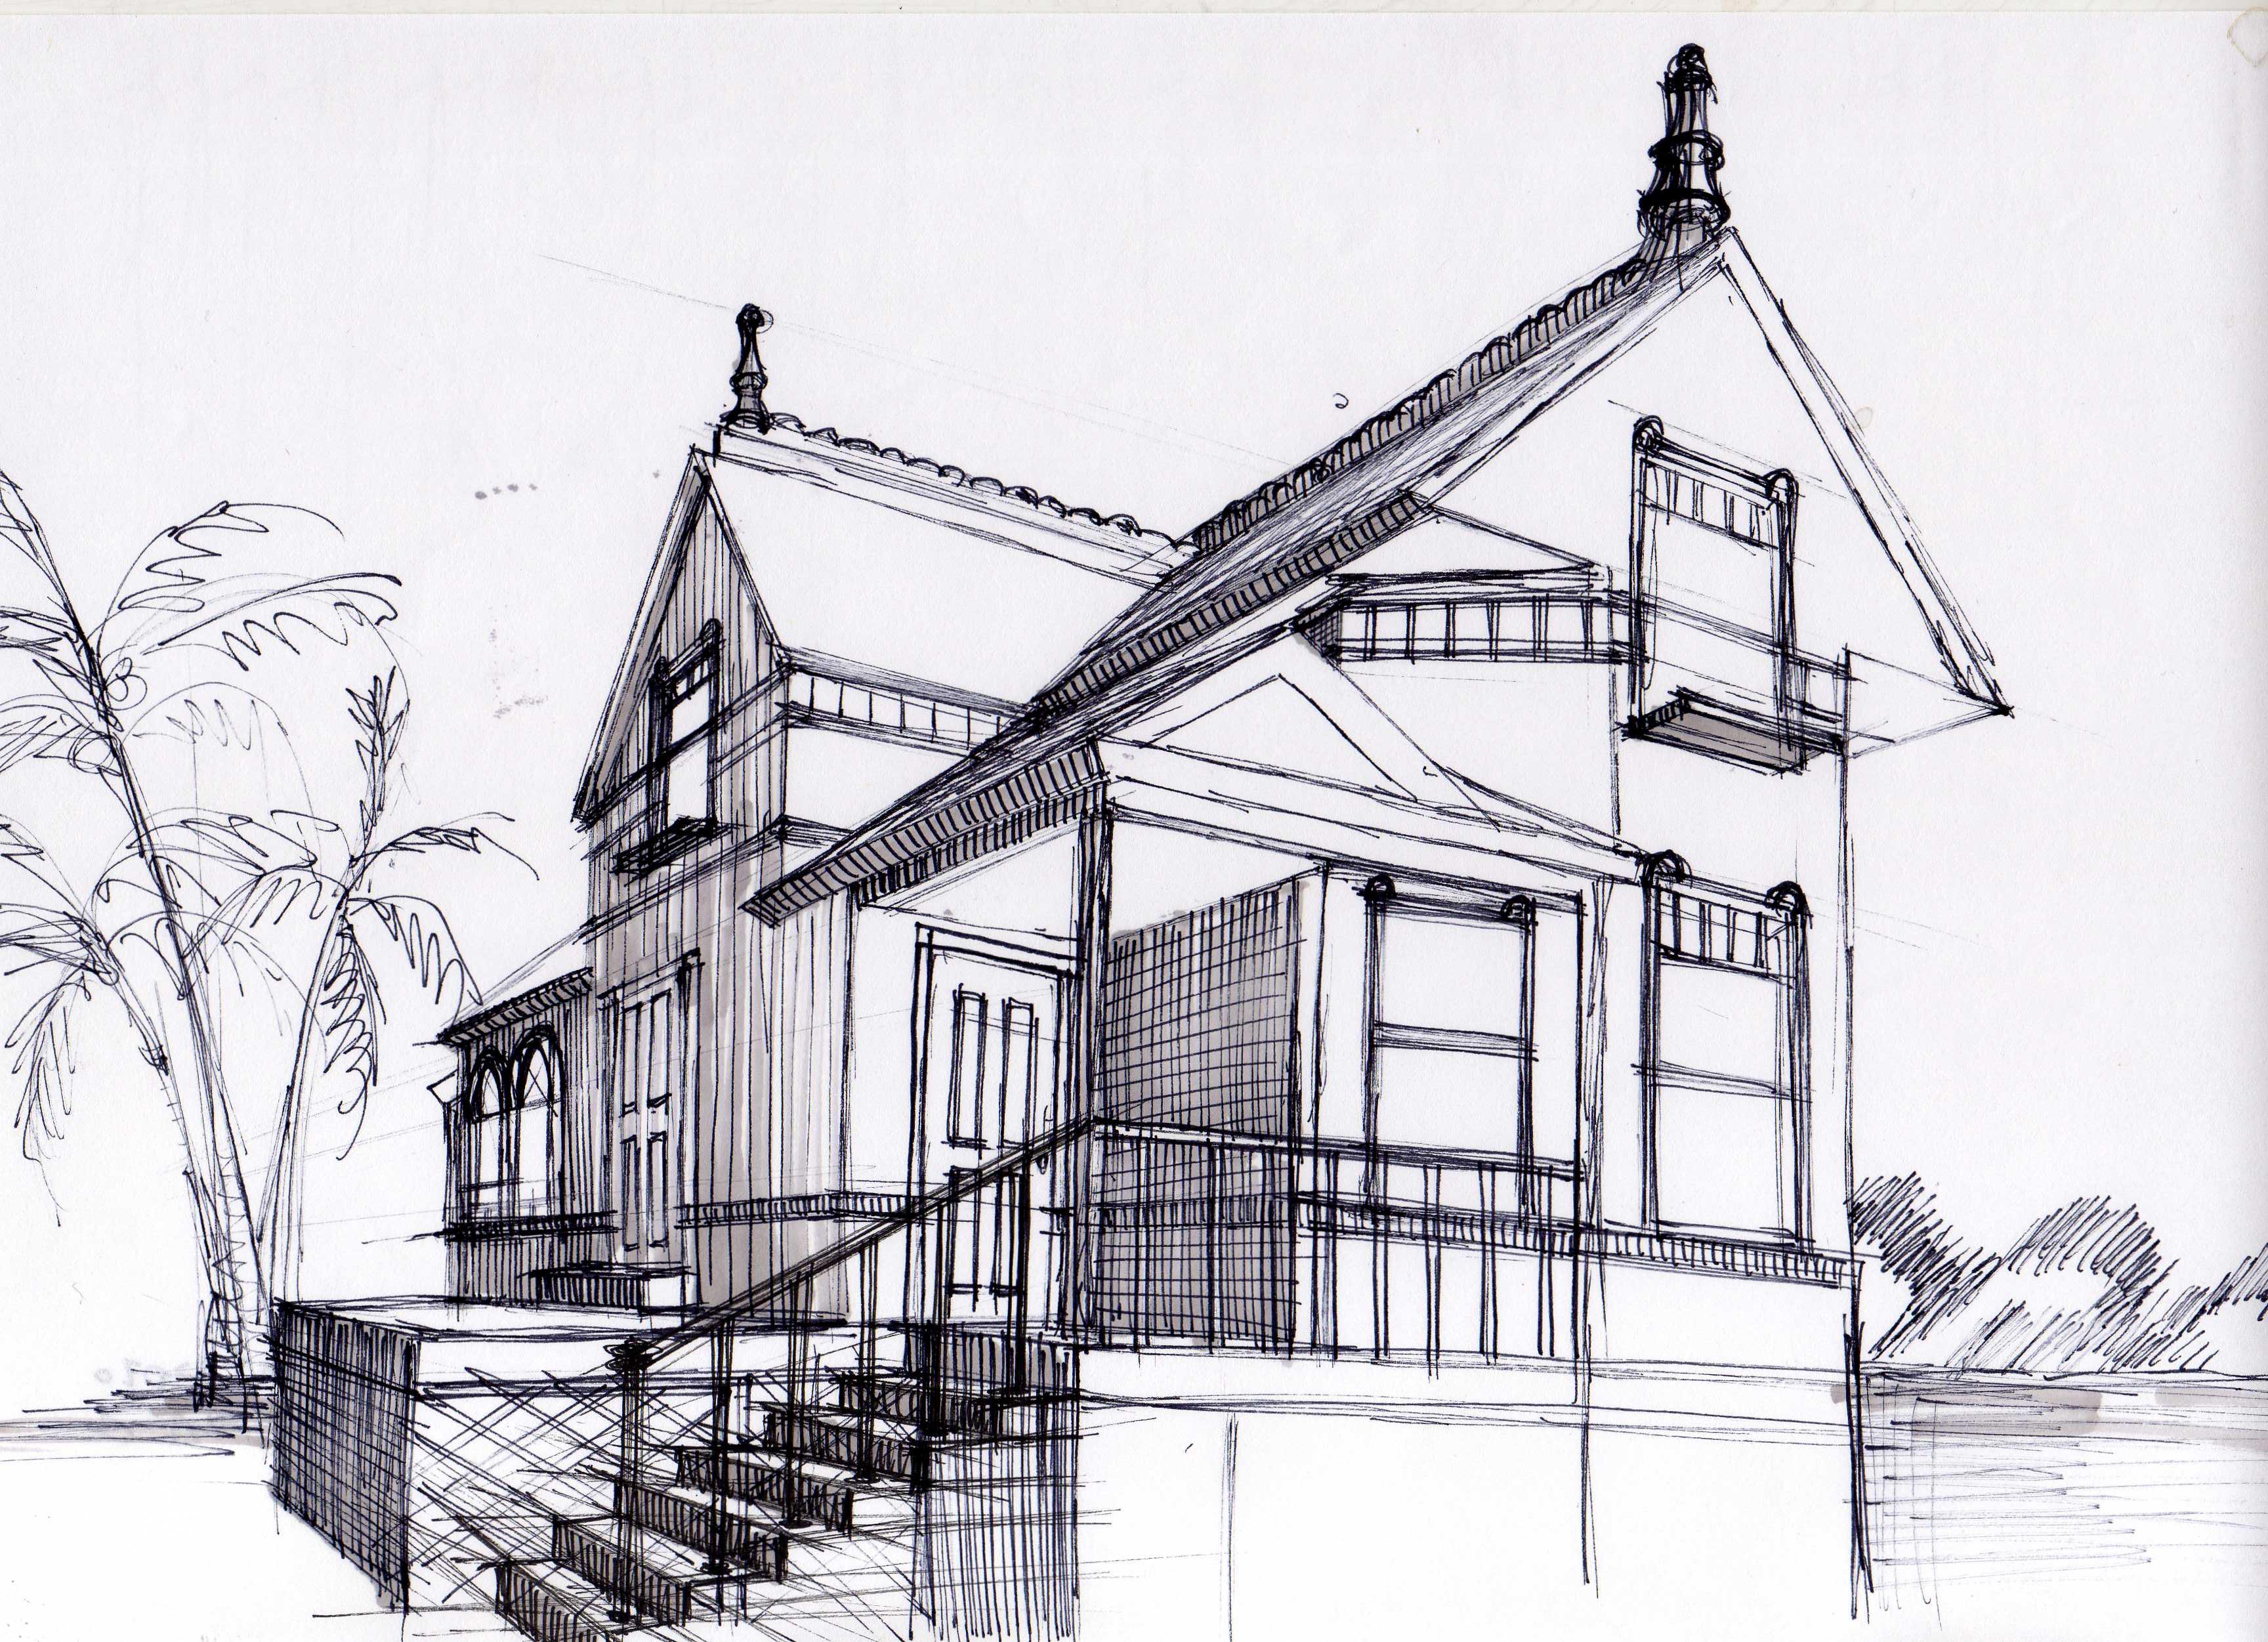 House Exterior - Hand Sketch